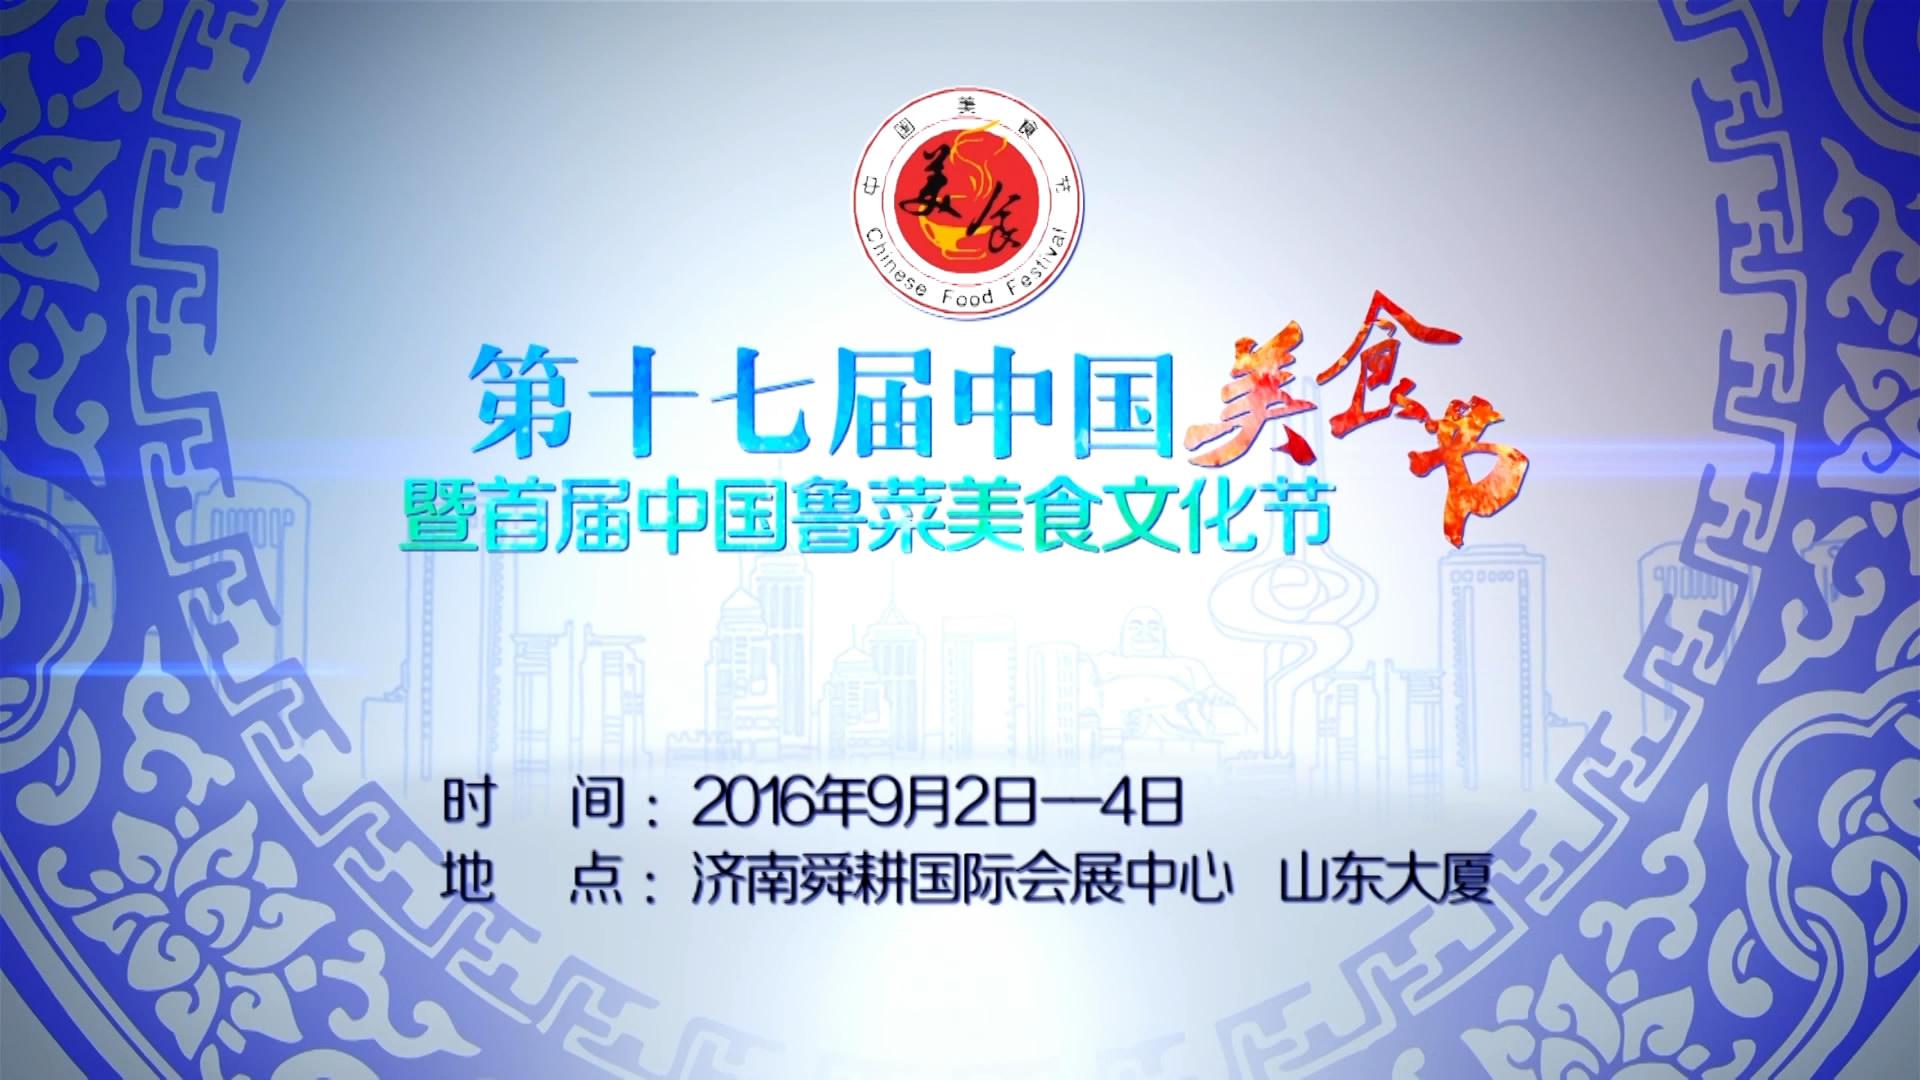 第十七届中国美食节暨首届中国鲁菜美食文化节